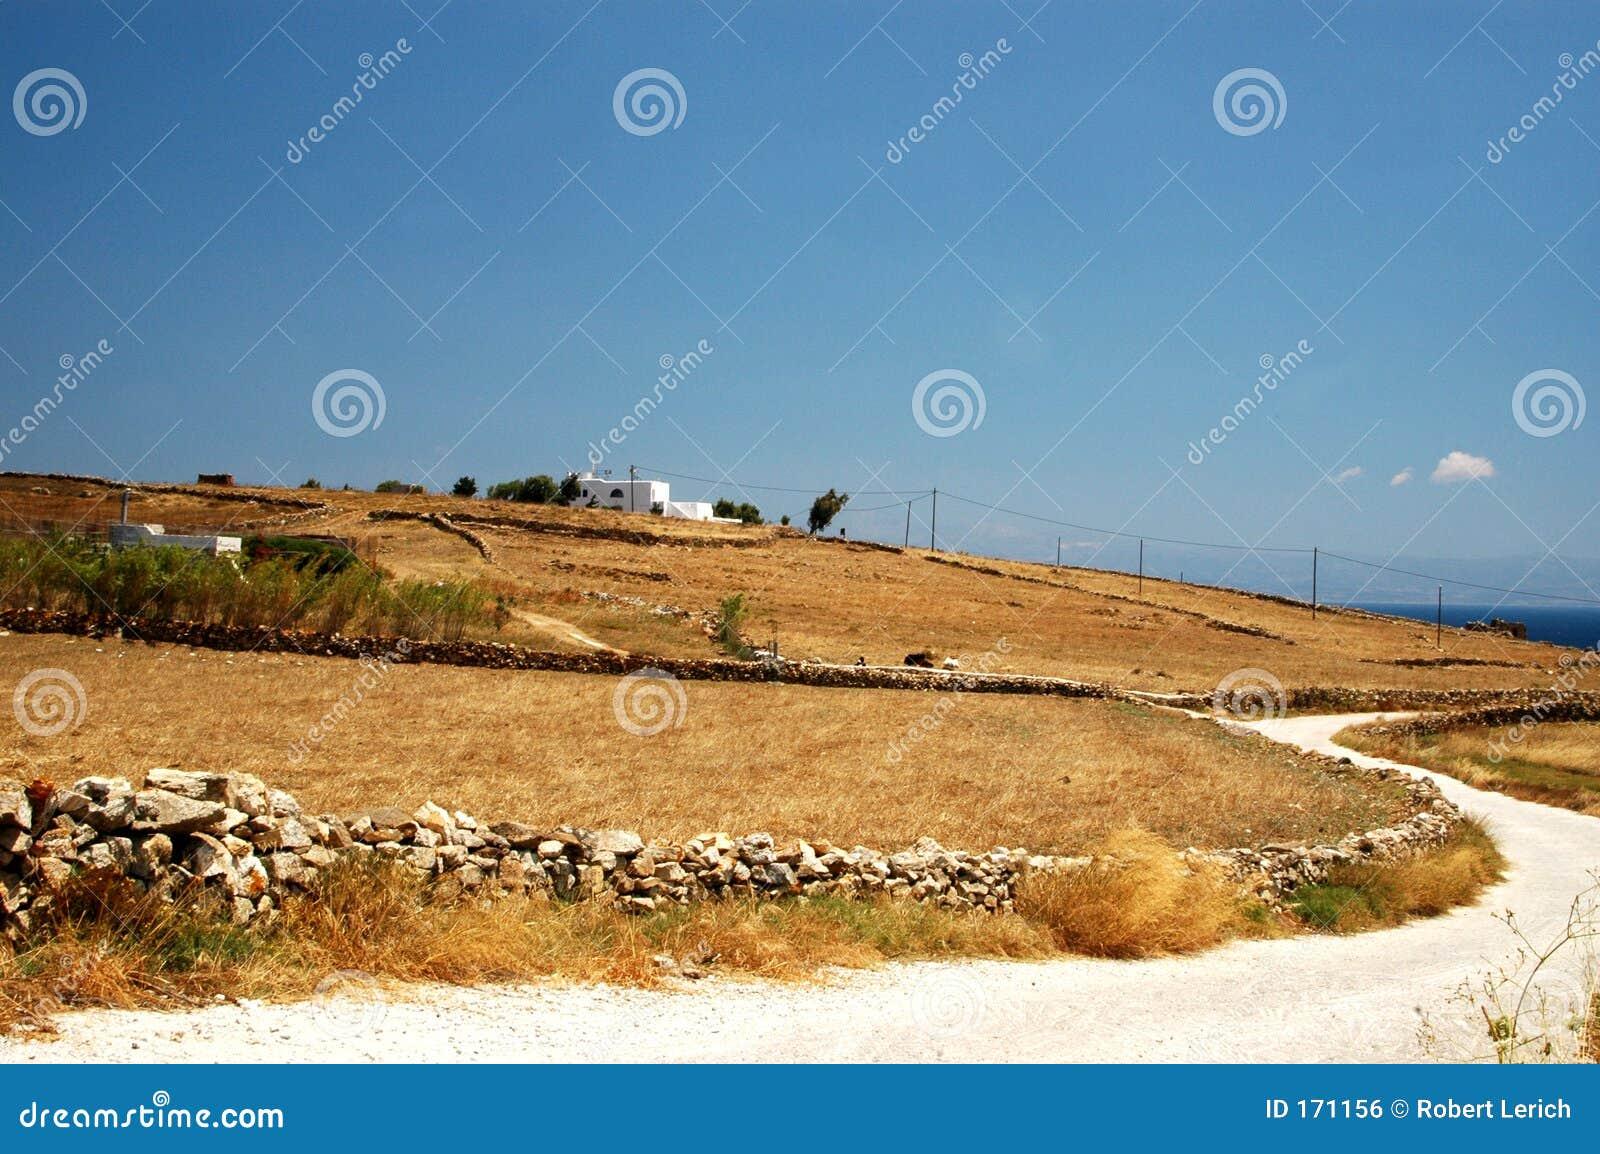 Greek island landscape